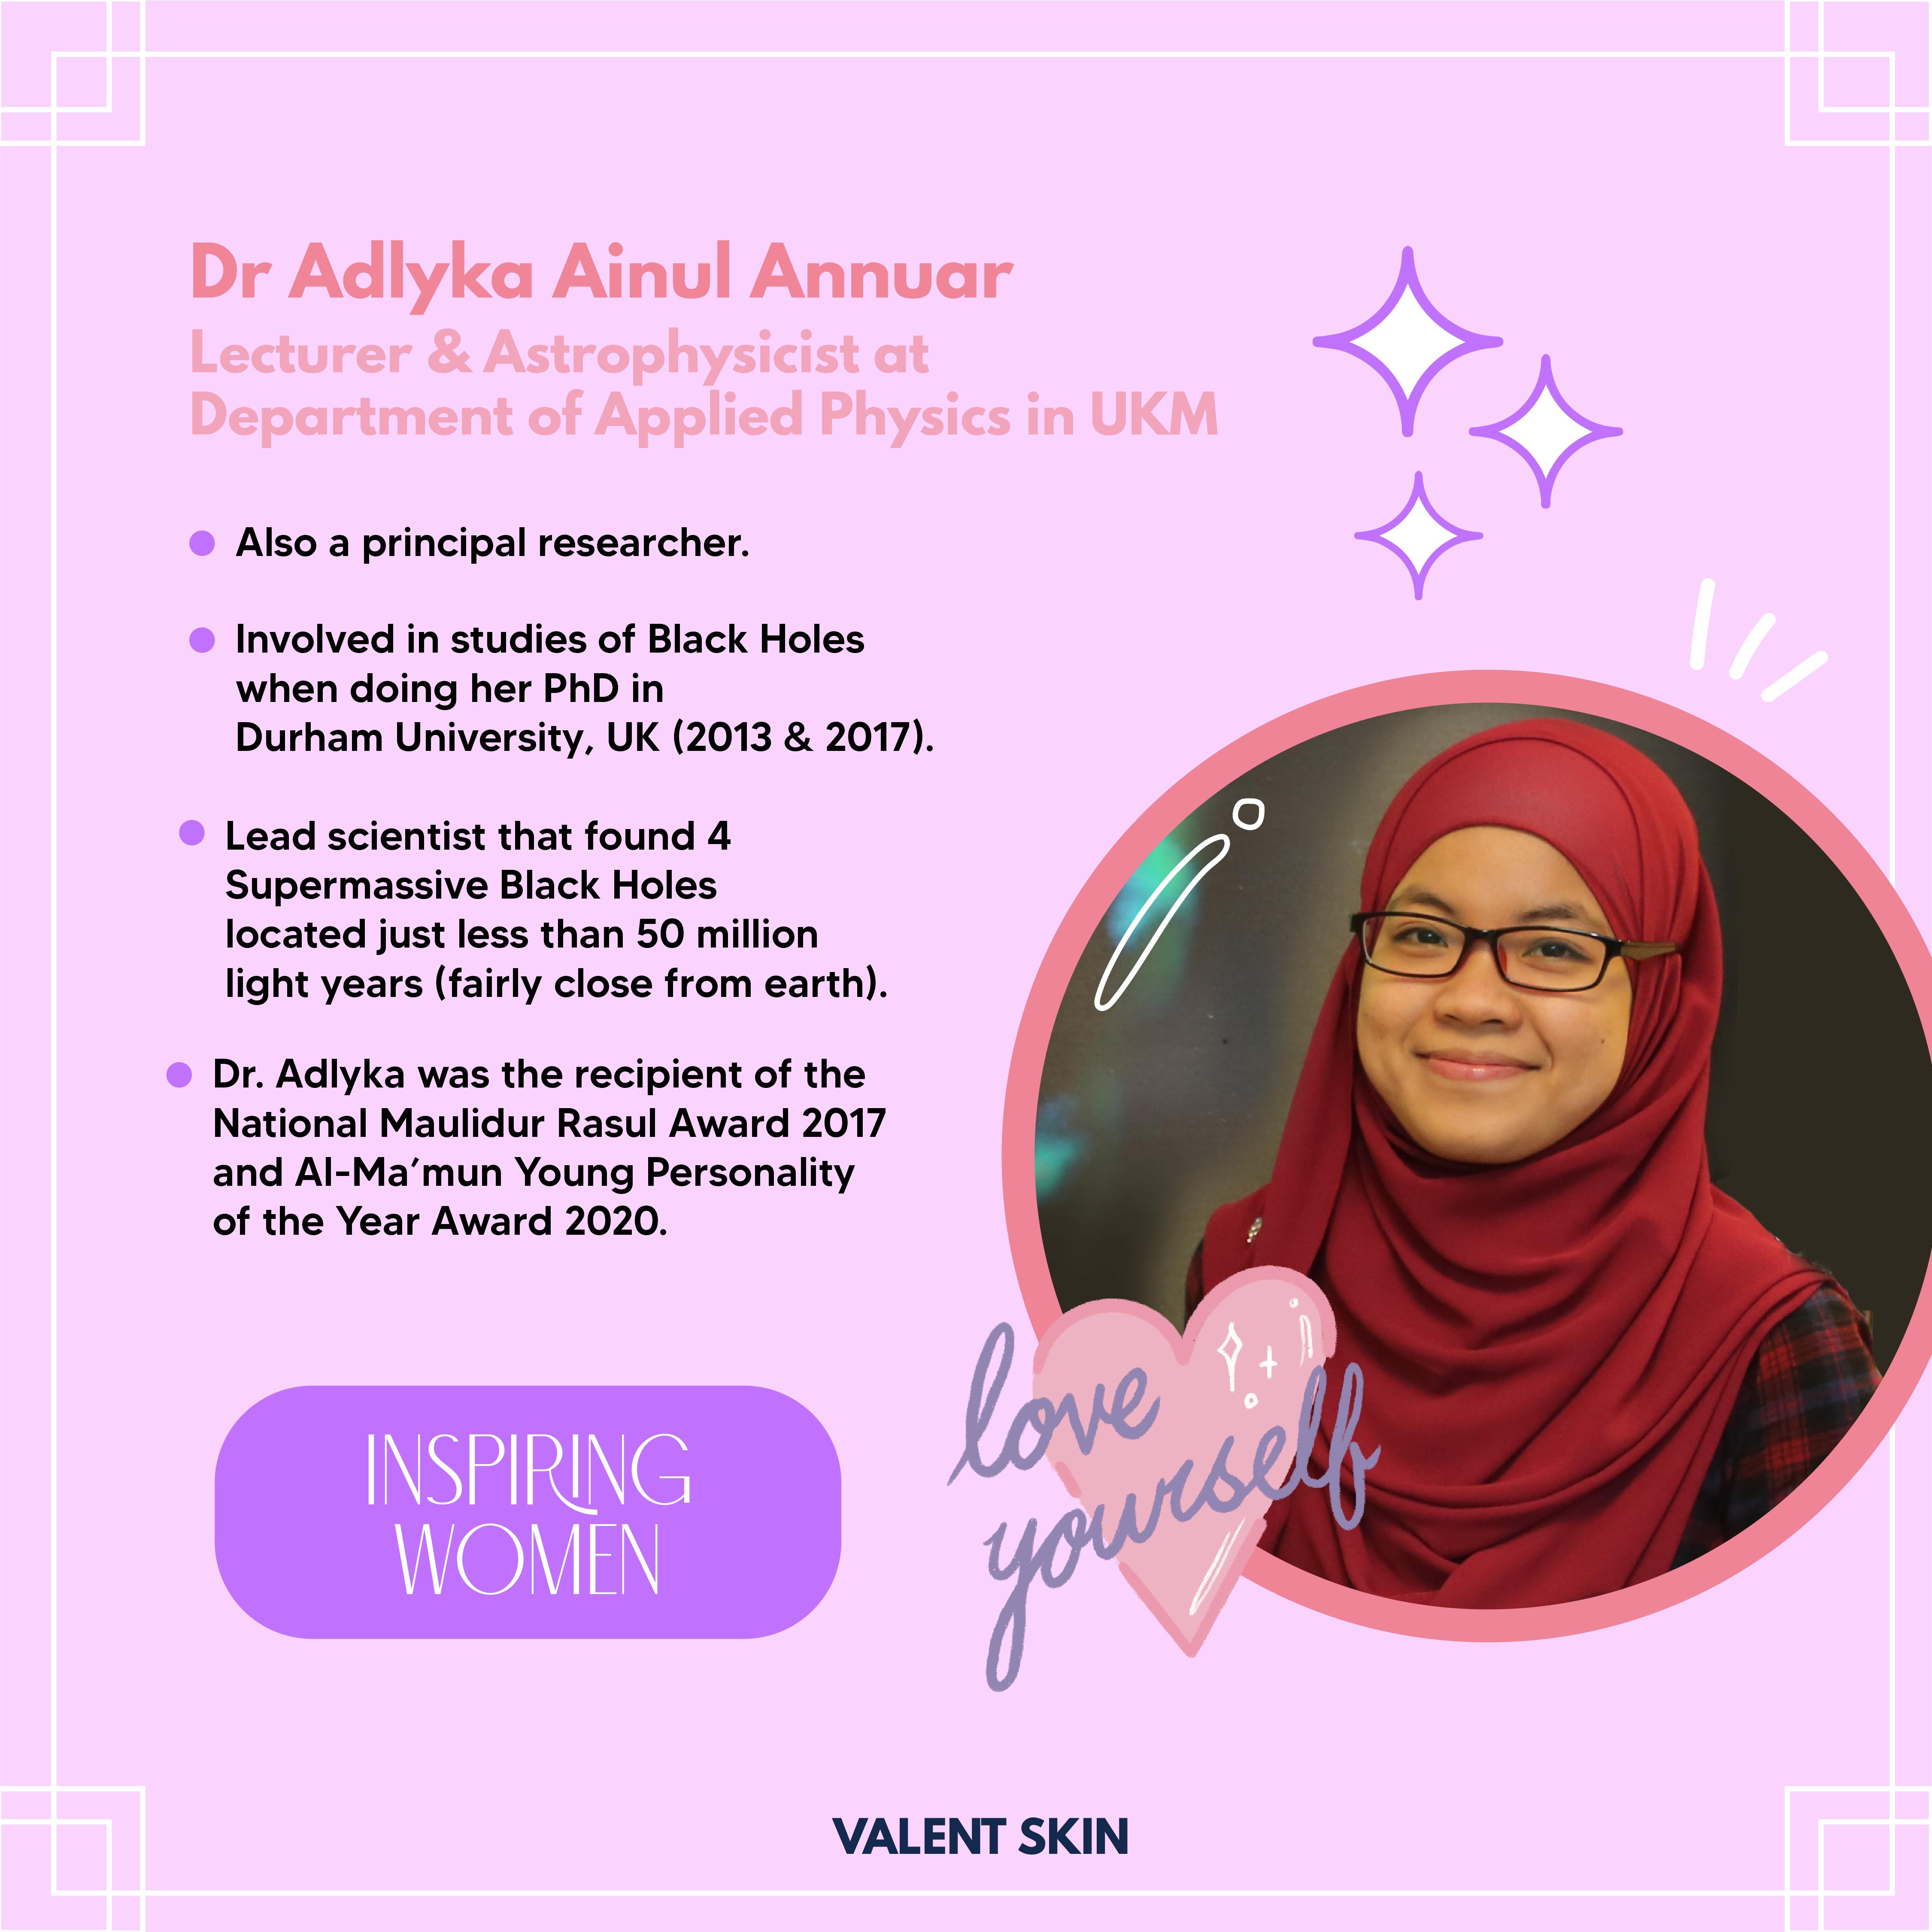 Inspiring Women: Prof. Madya Dr. Nur Adlyka Ainul Annuar